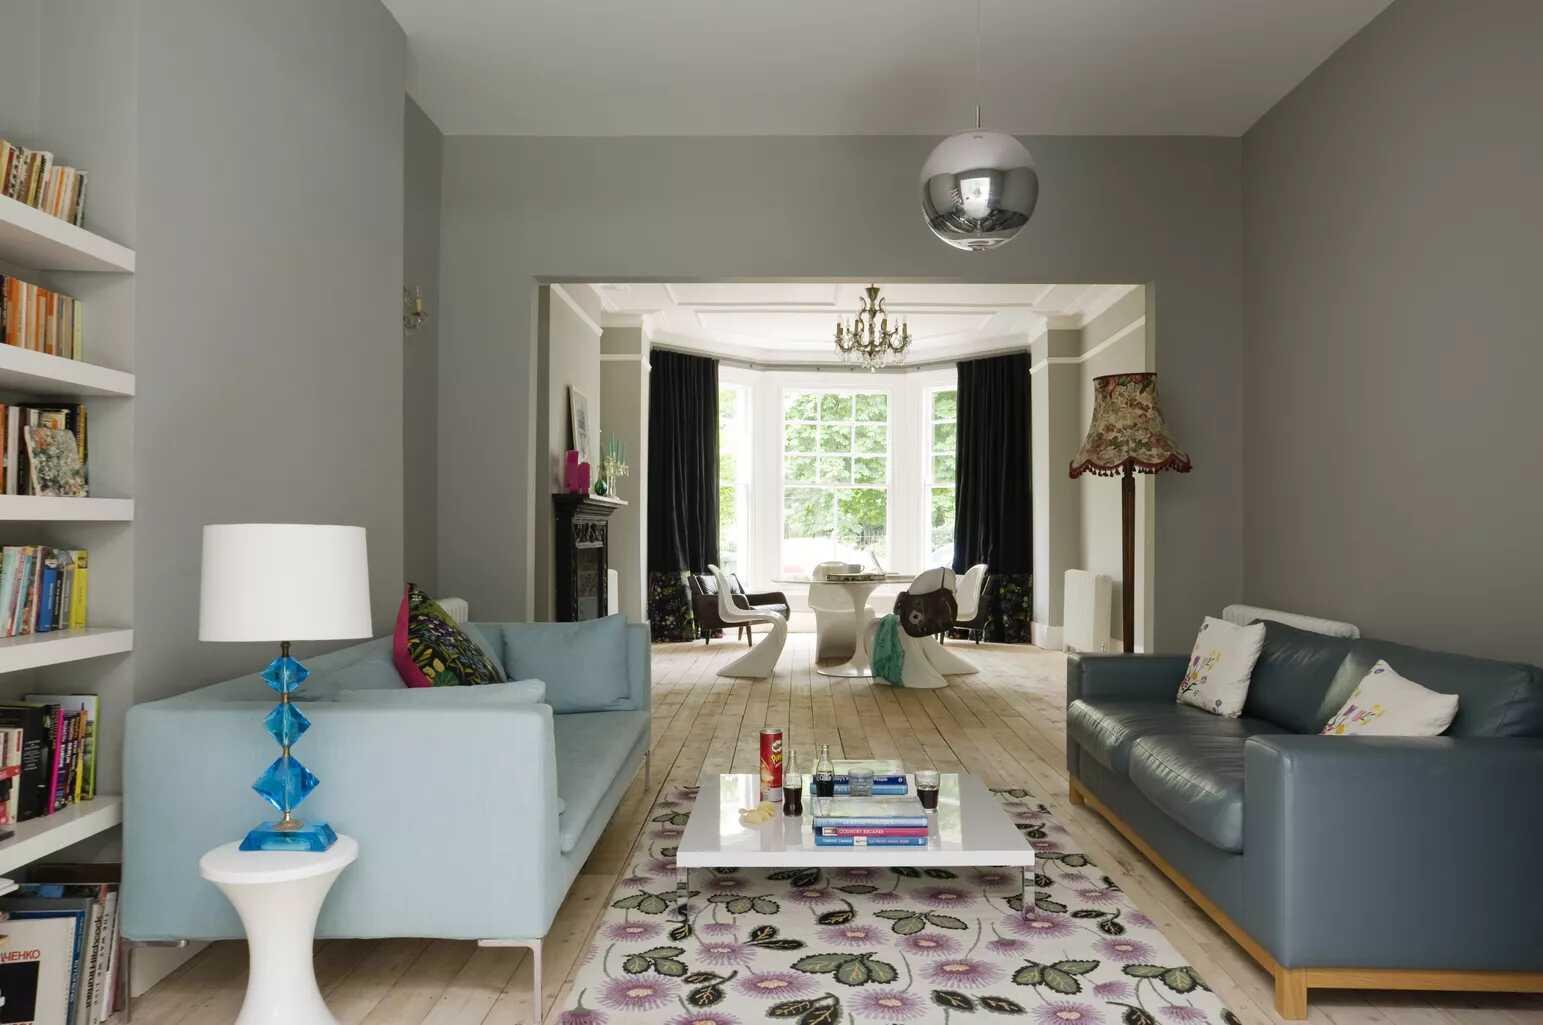 Ghế sofa màu xanh lá cây với những chiếc gối hoa